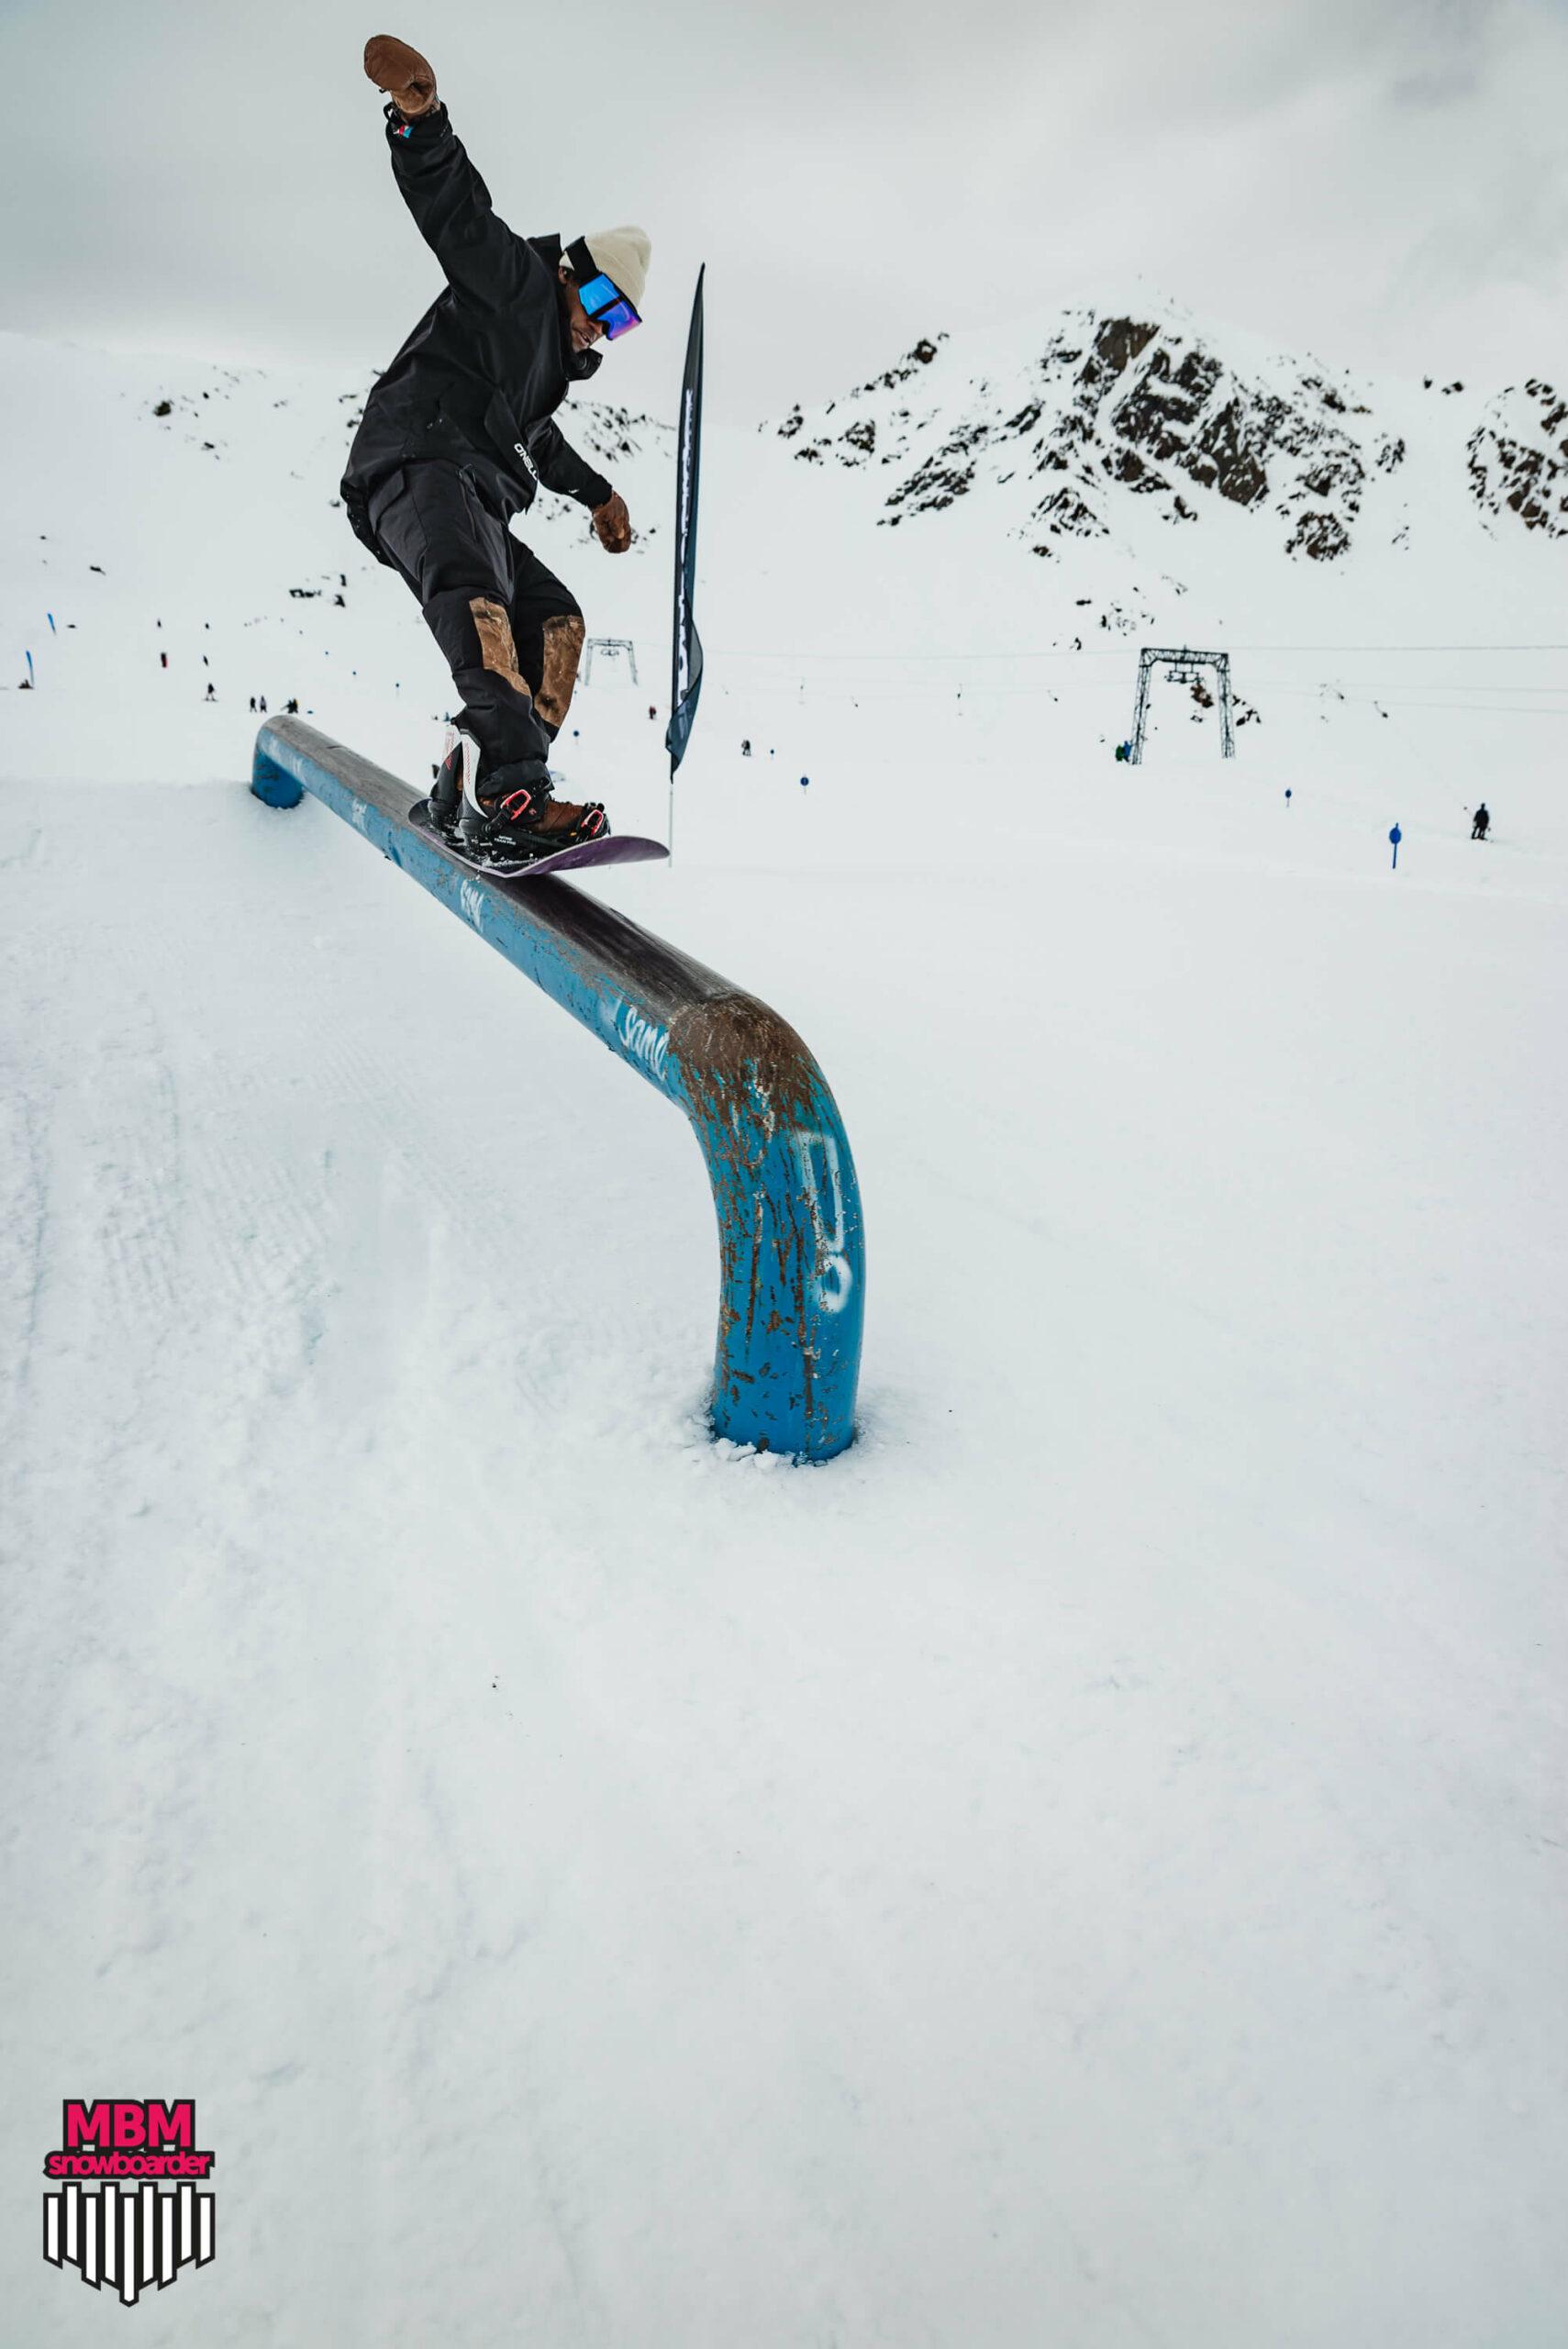 snowboarderMBM_sd_kaunertal_050